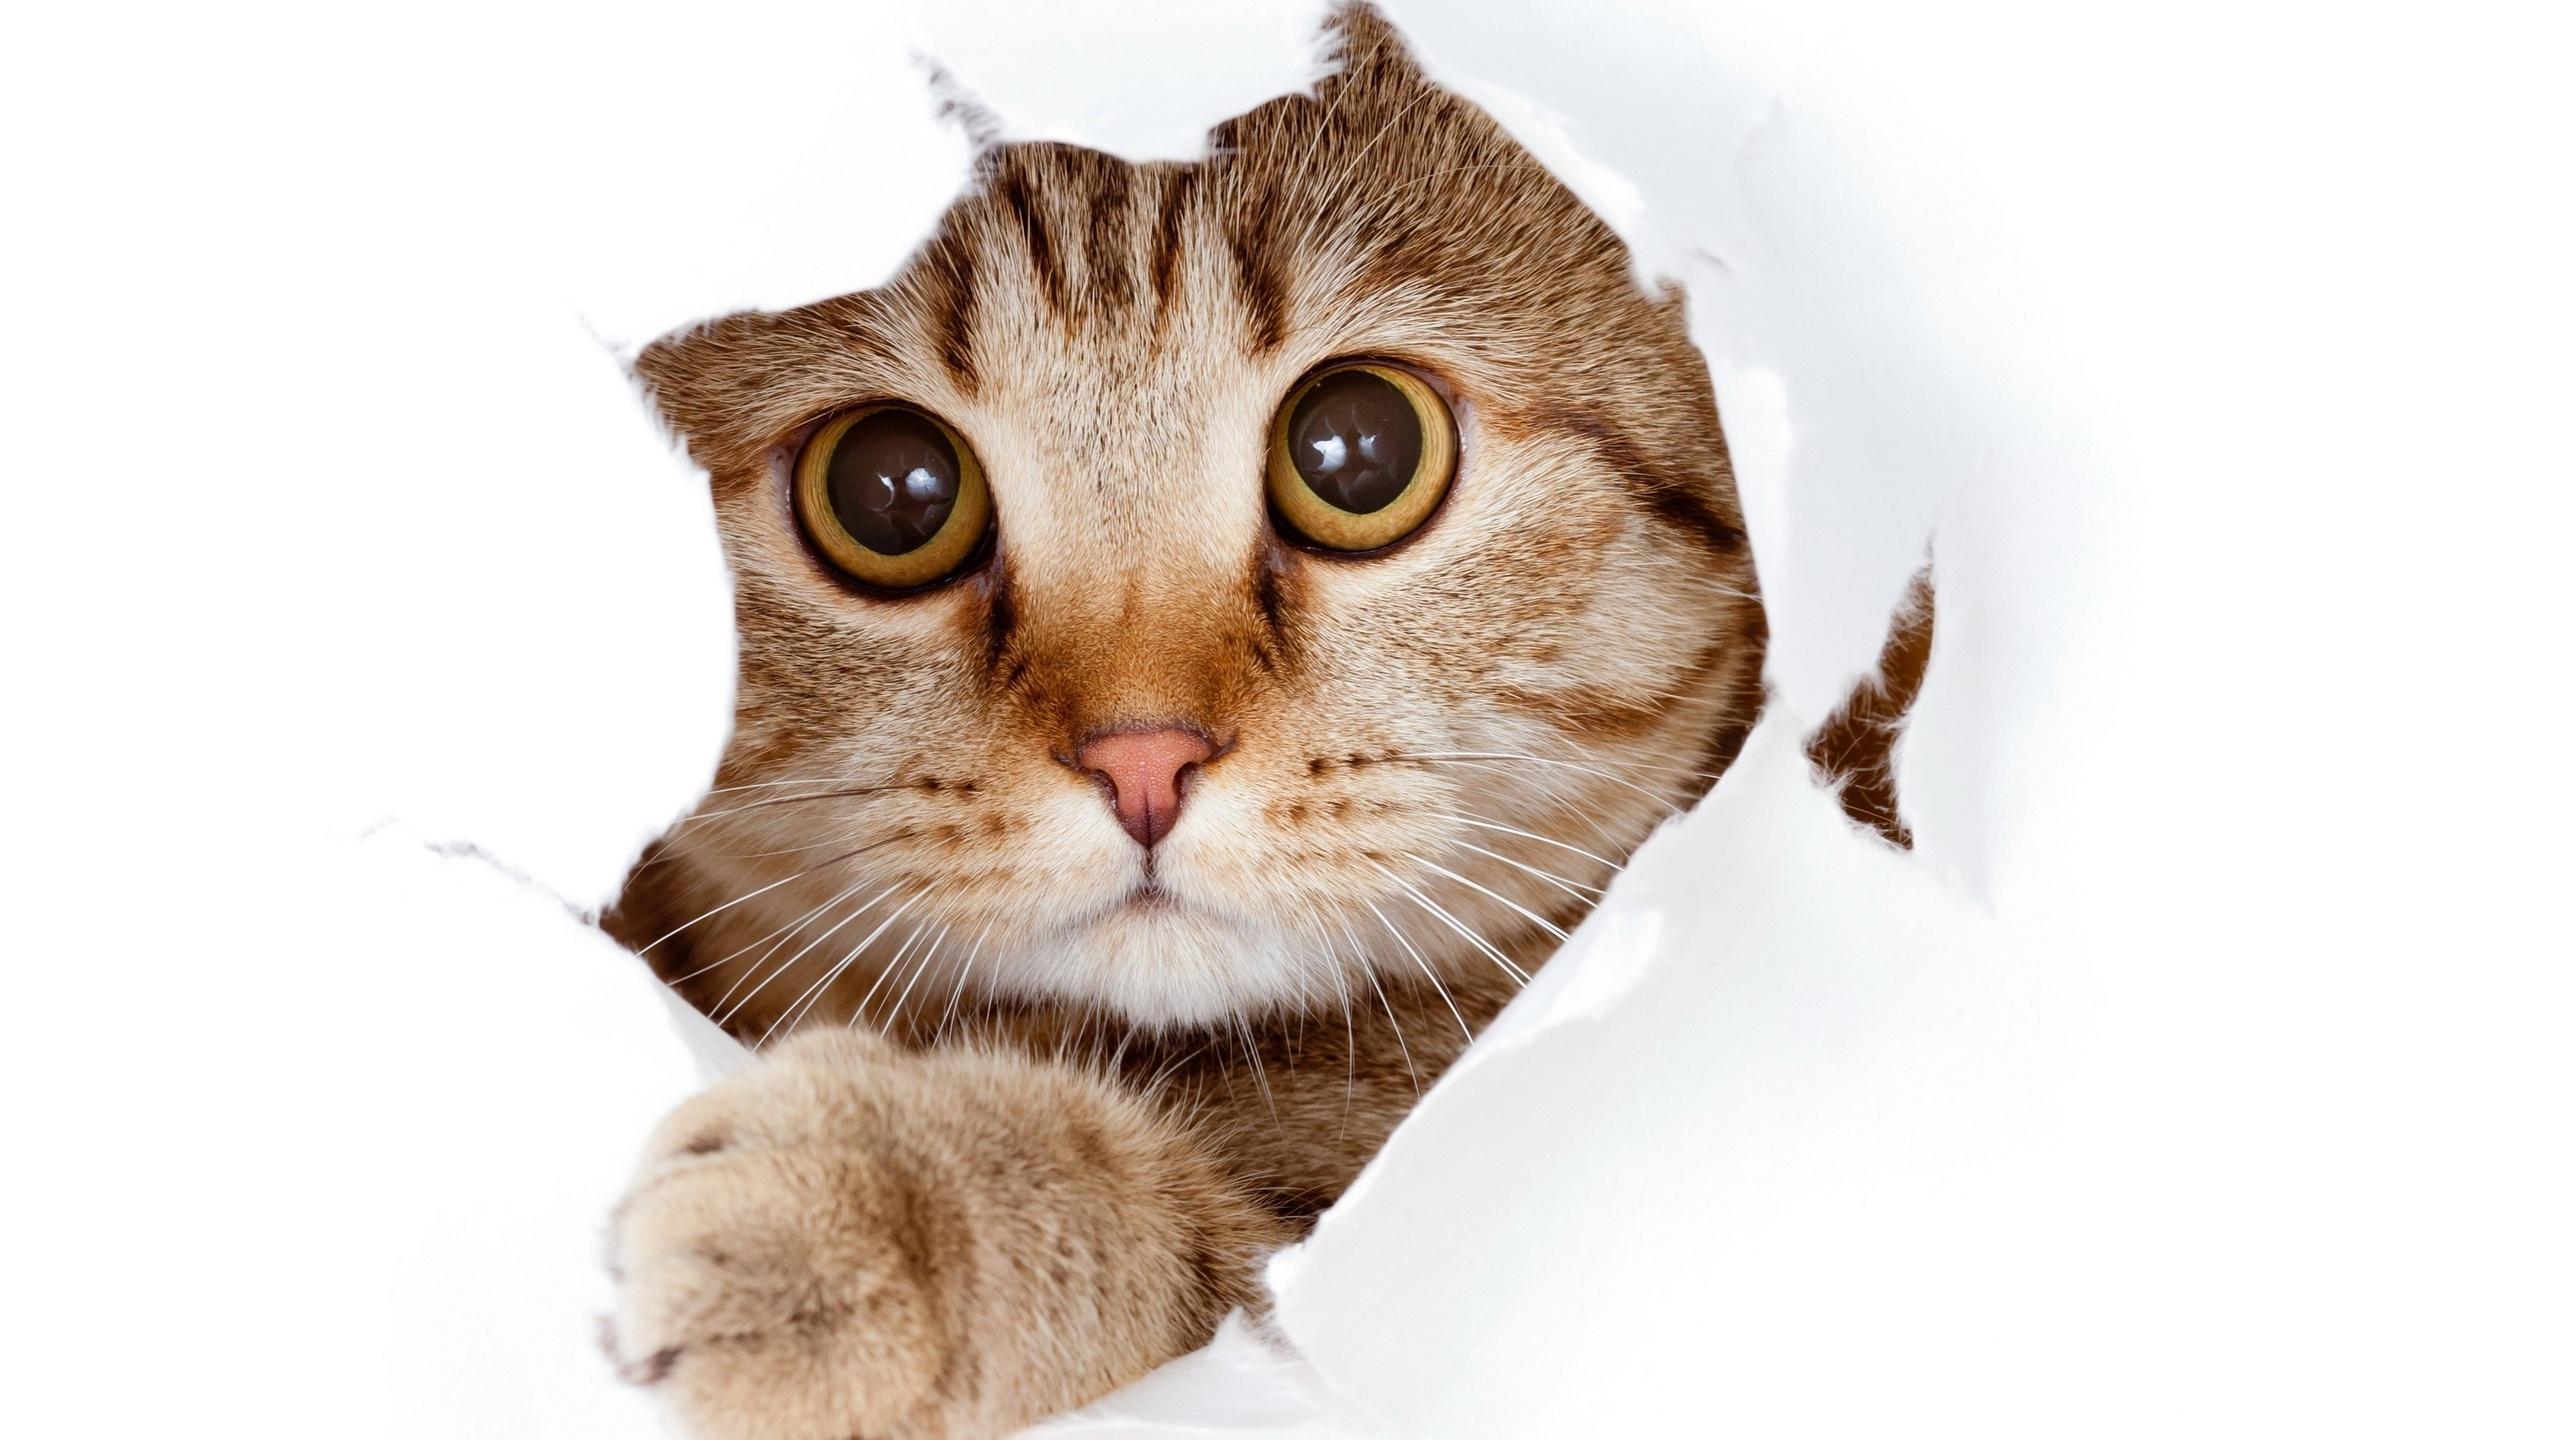 Смешные коты картинки в хорошем качестве